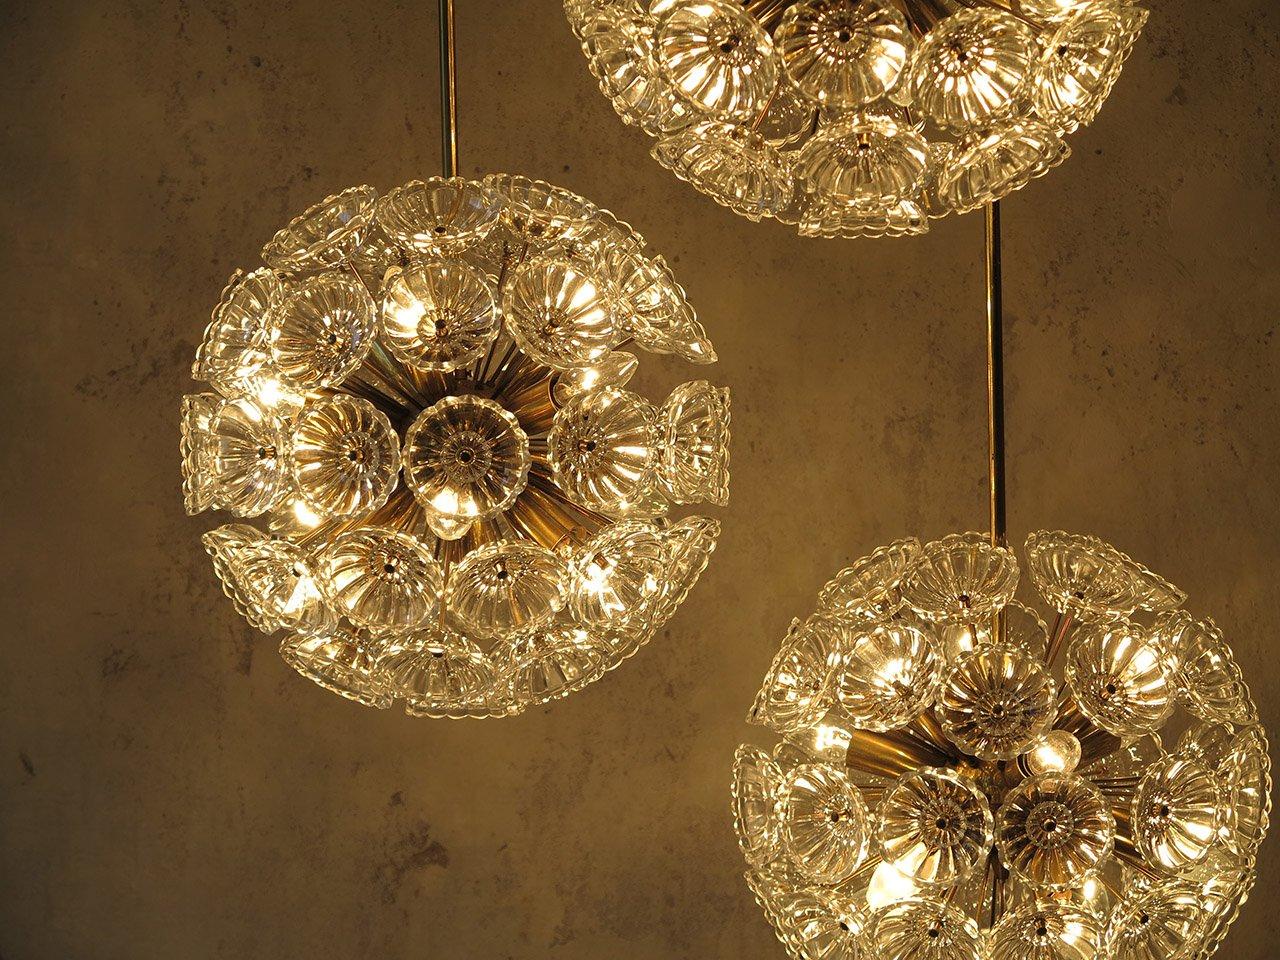 Sputnik christmas ornaments - Starburst Dandelion Glass Sputnik Lamps 1965 Set Of 3